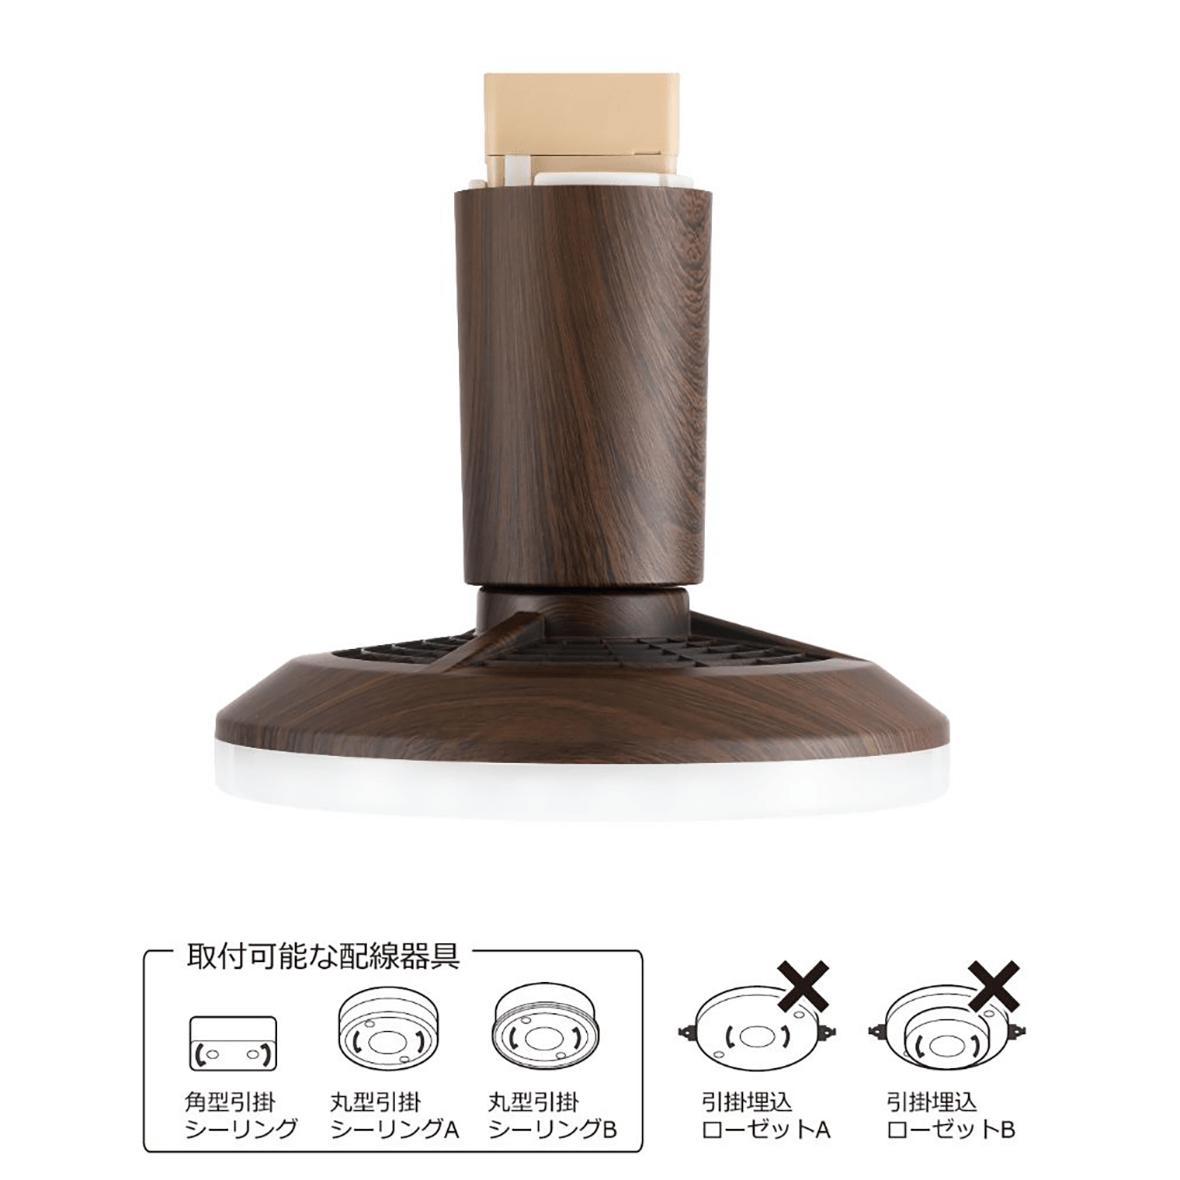 スワン電器 slimac LED小型シーリングライト FCE-222BR2